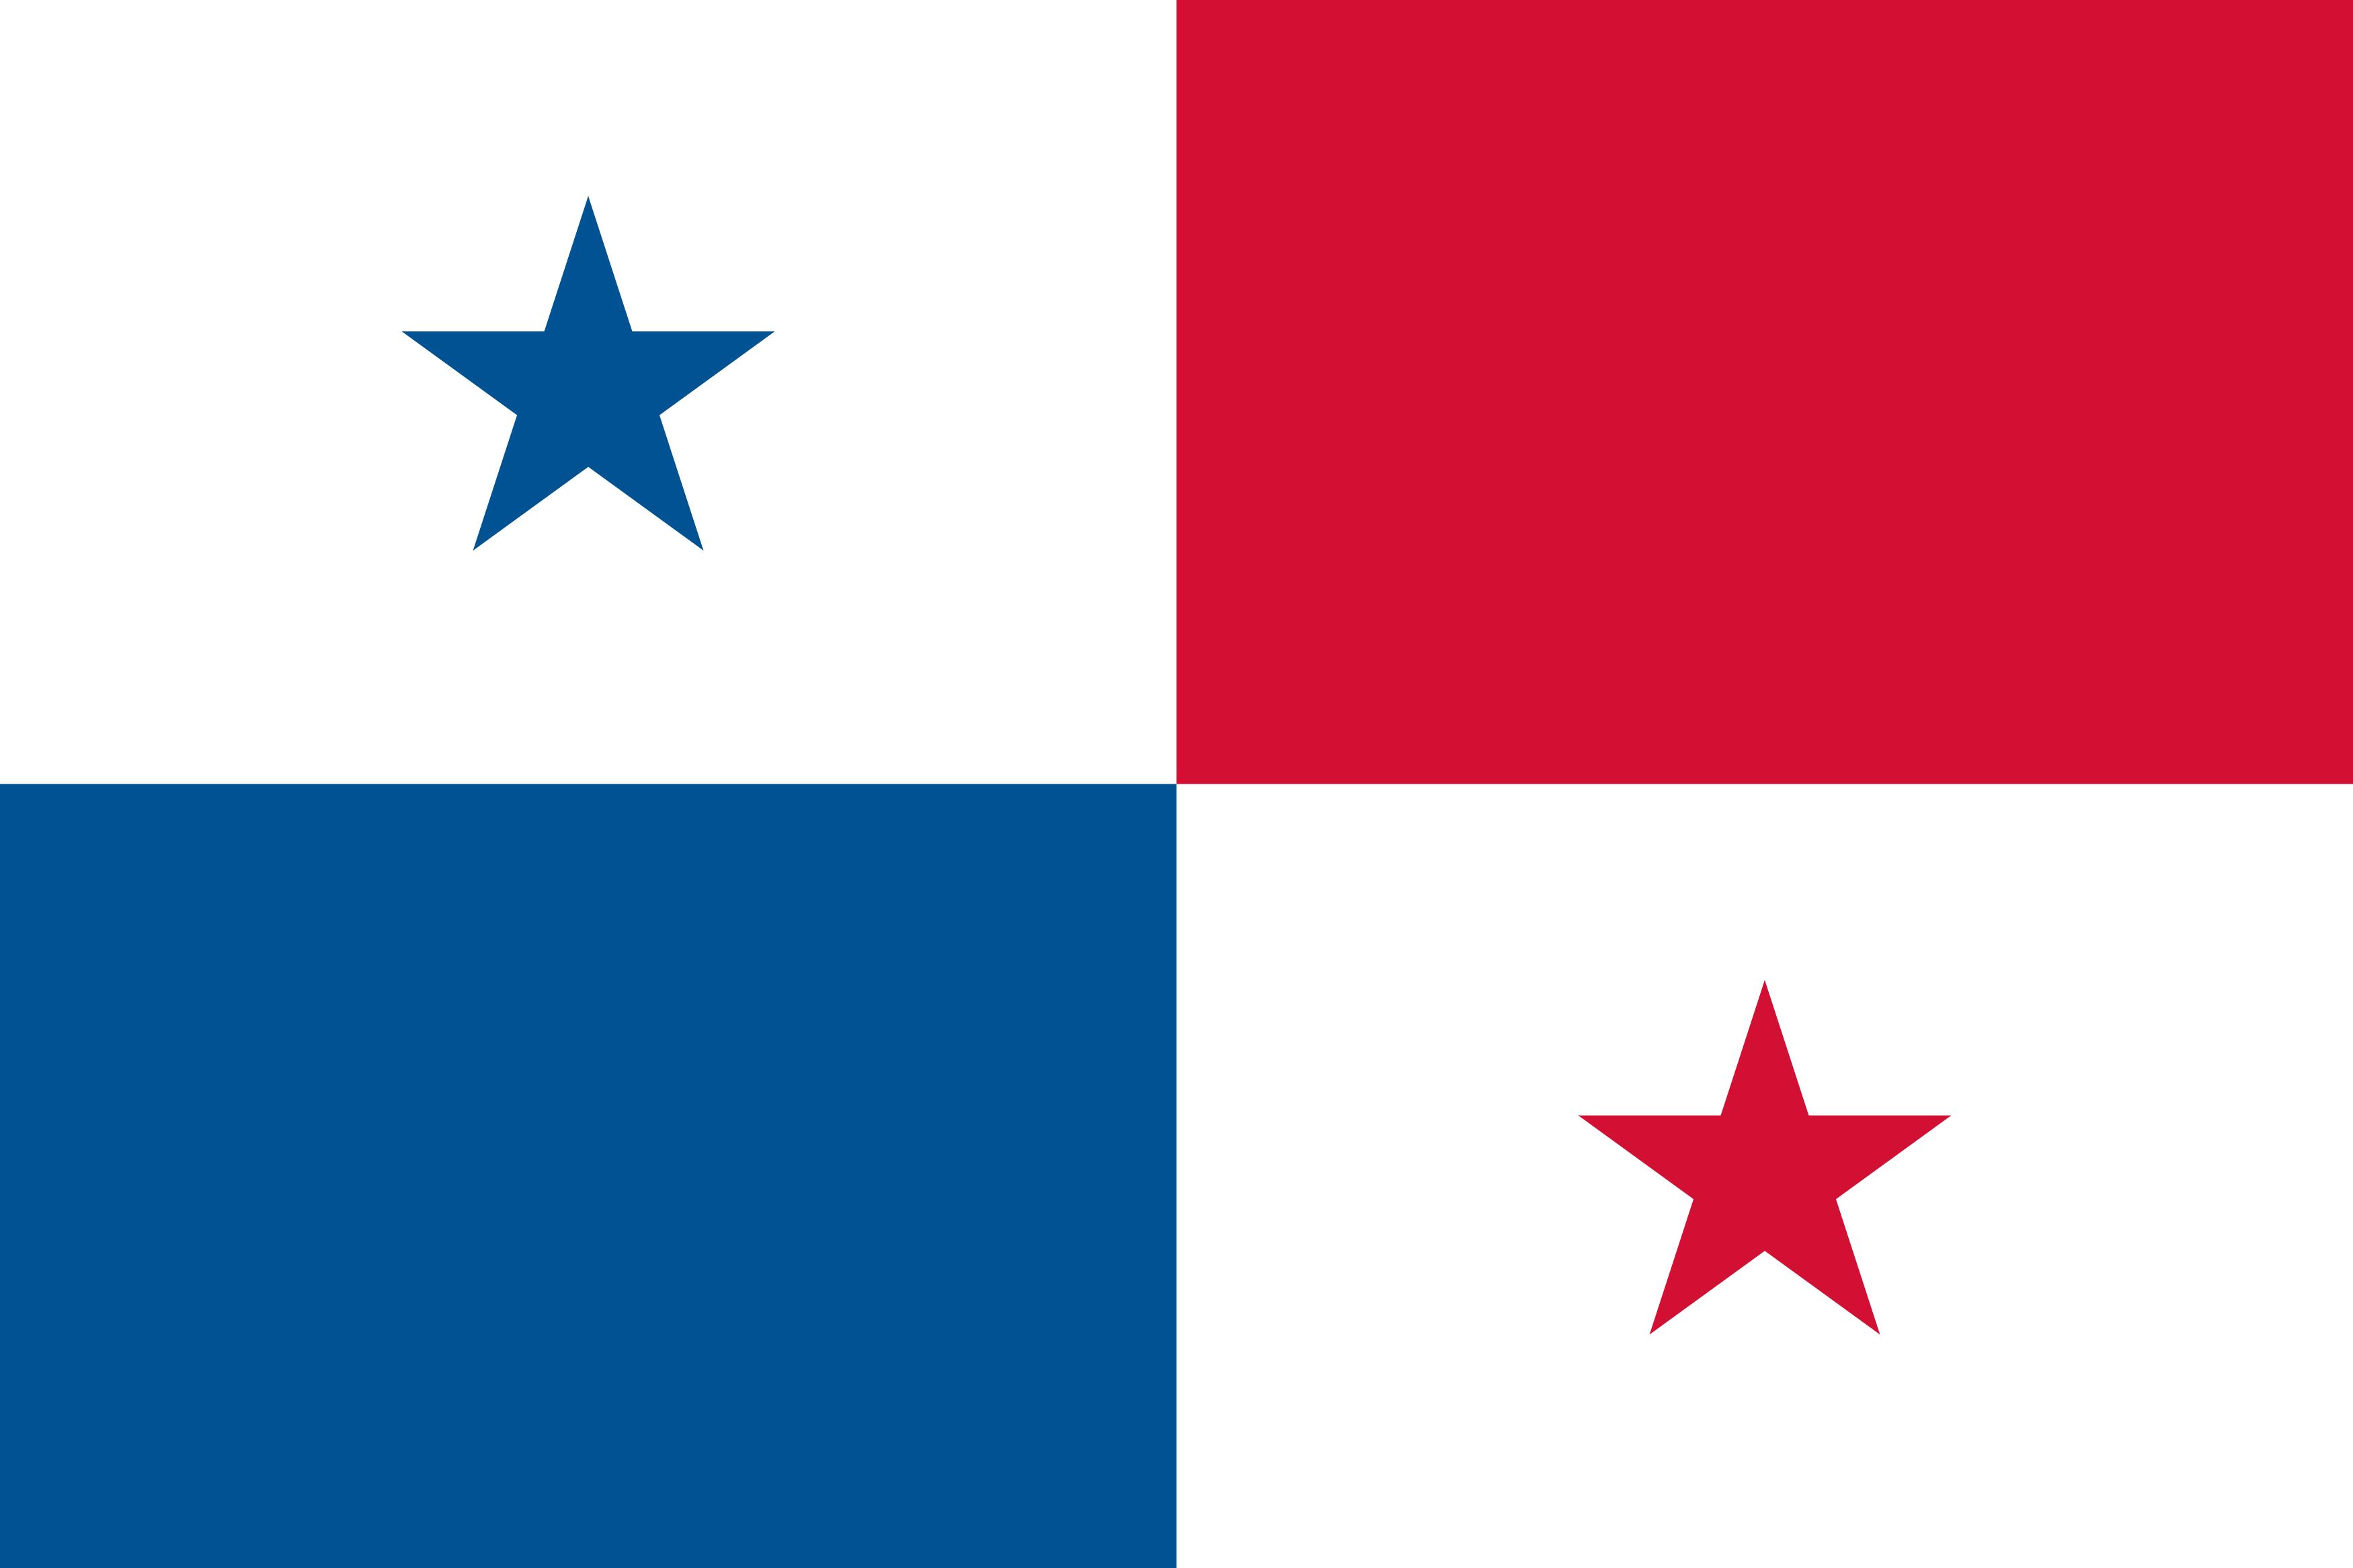 bandeira do panama - Bandeira do Panamá